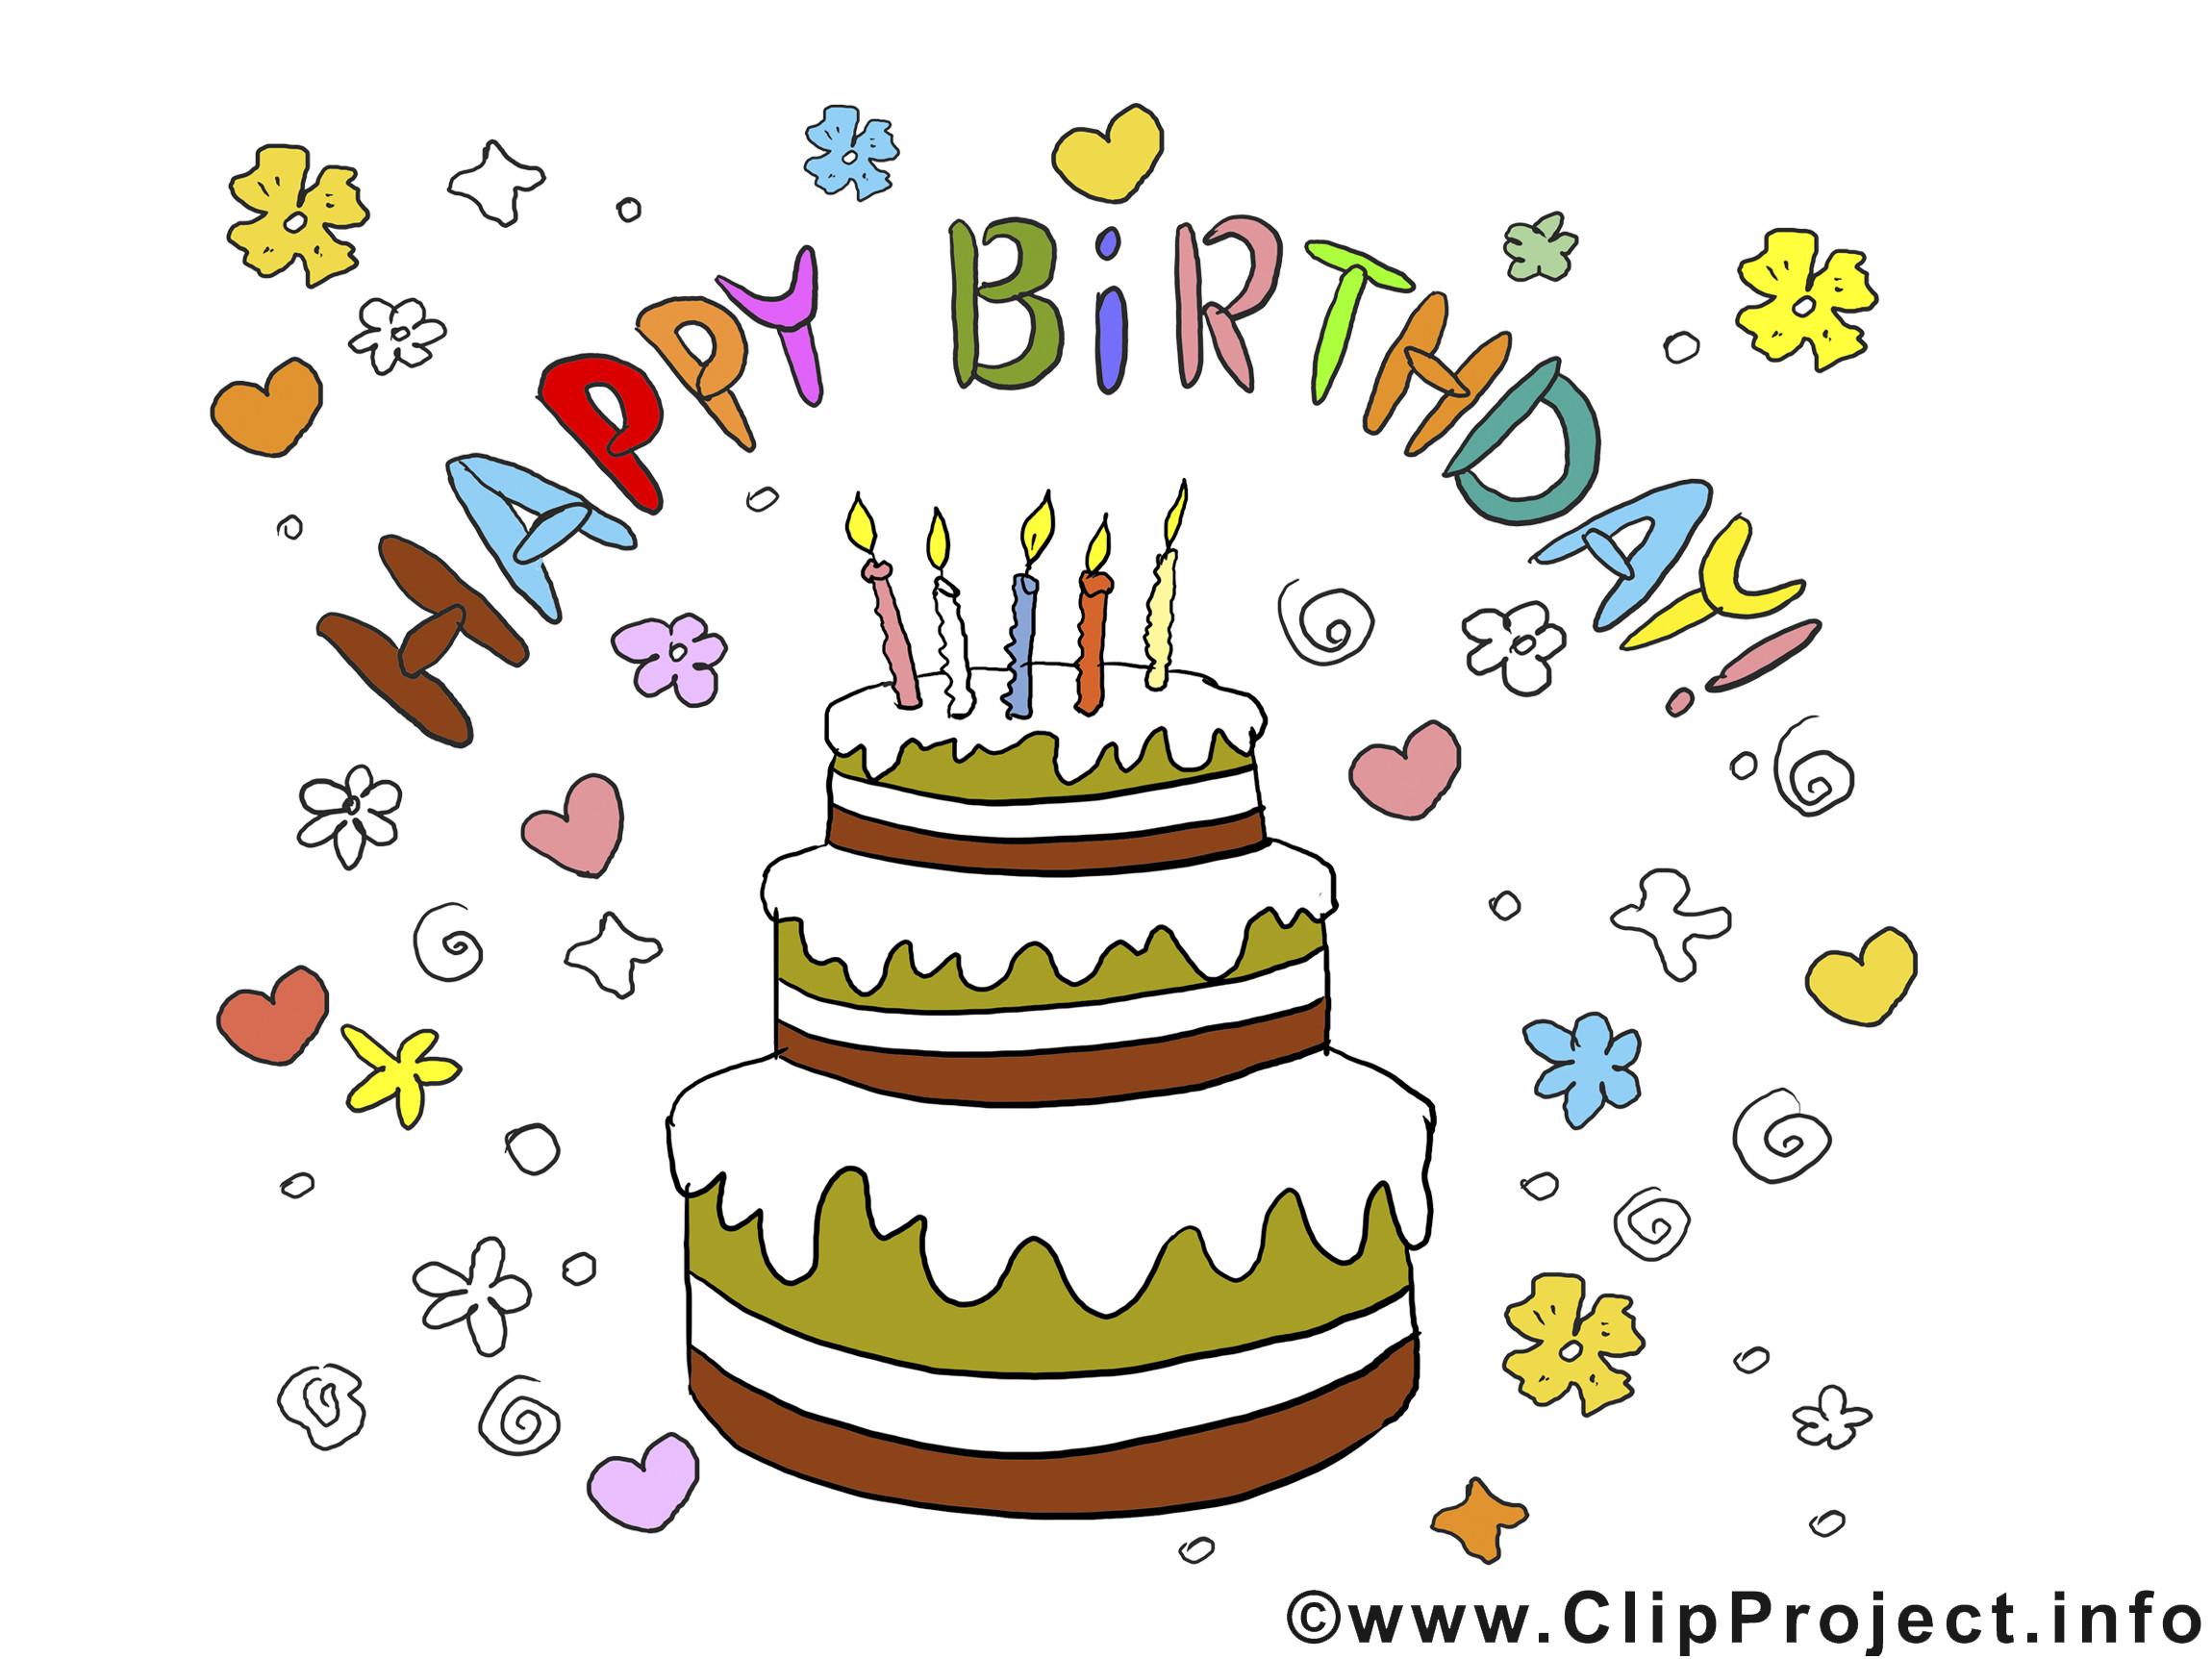 Geburtstagsbilder Facebook Kostenlos  Geburtstag Bilder Torte